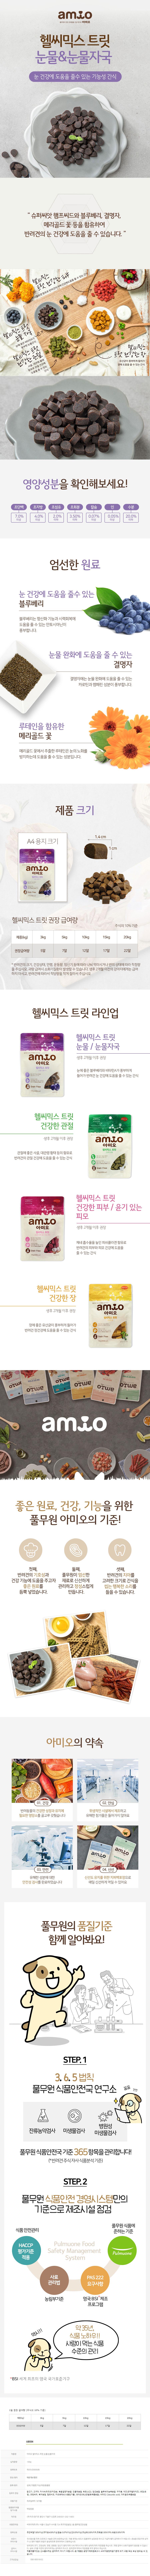 아미오 헬씨믹스 트릿 눈물 100g - 다솜, 5,000원, 간식/영양제, 영양보호제